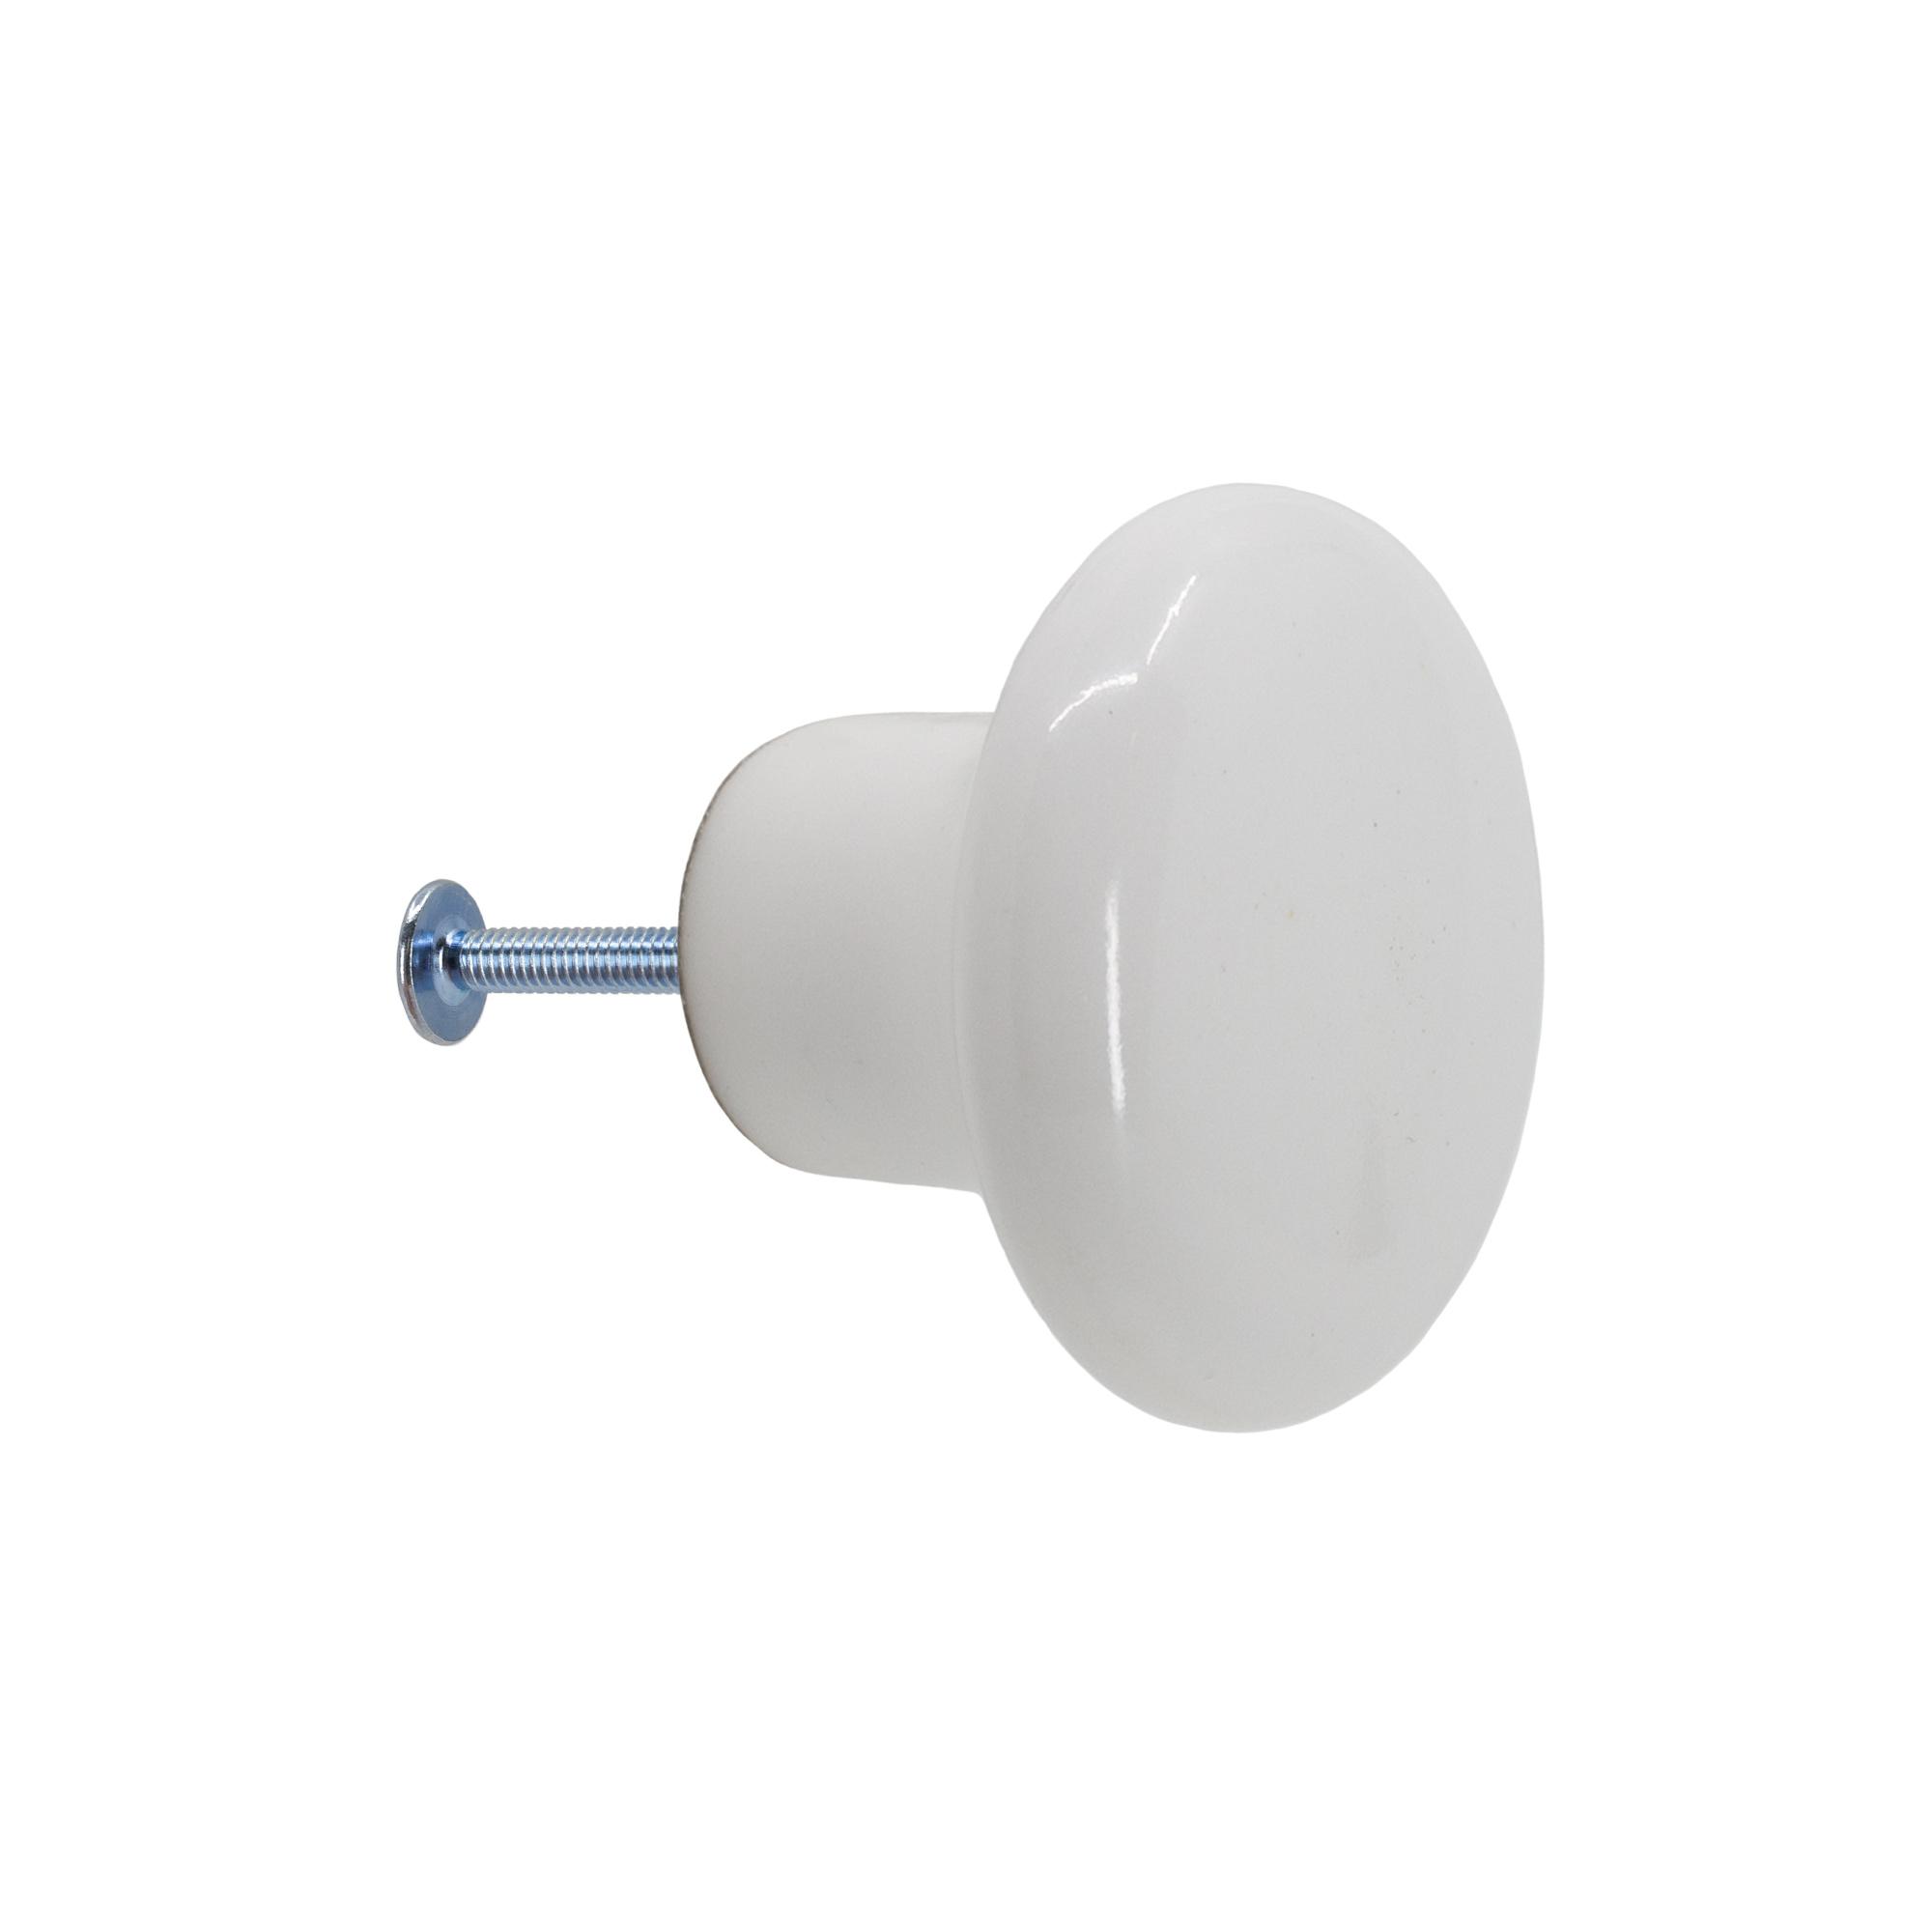 Porslinsknopp Möllevången 32 mm från Byggfabriken